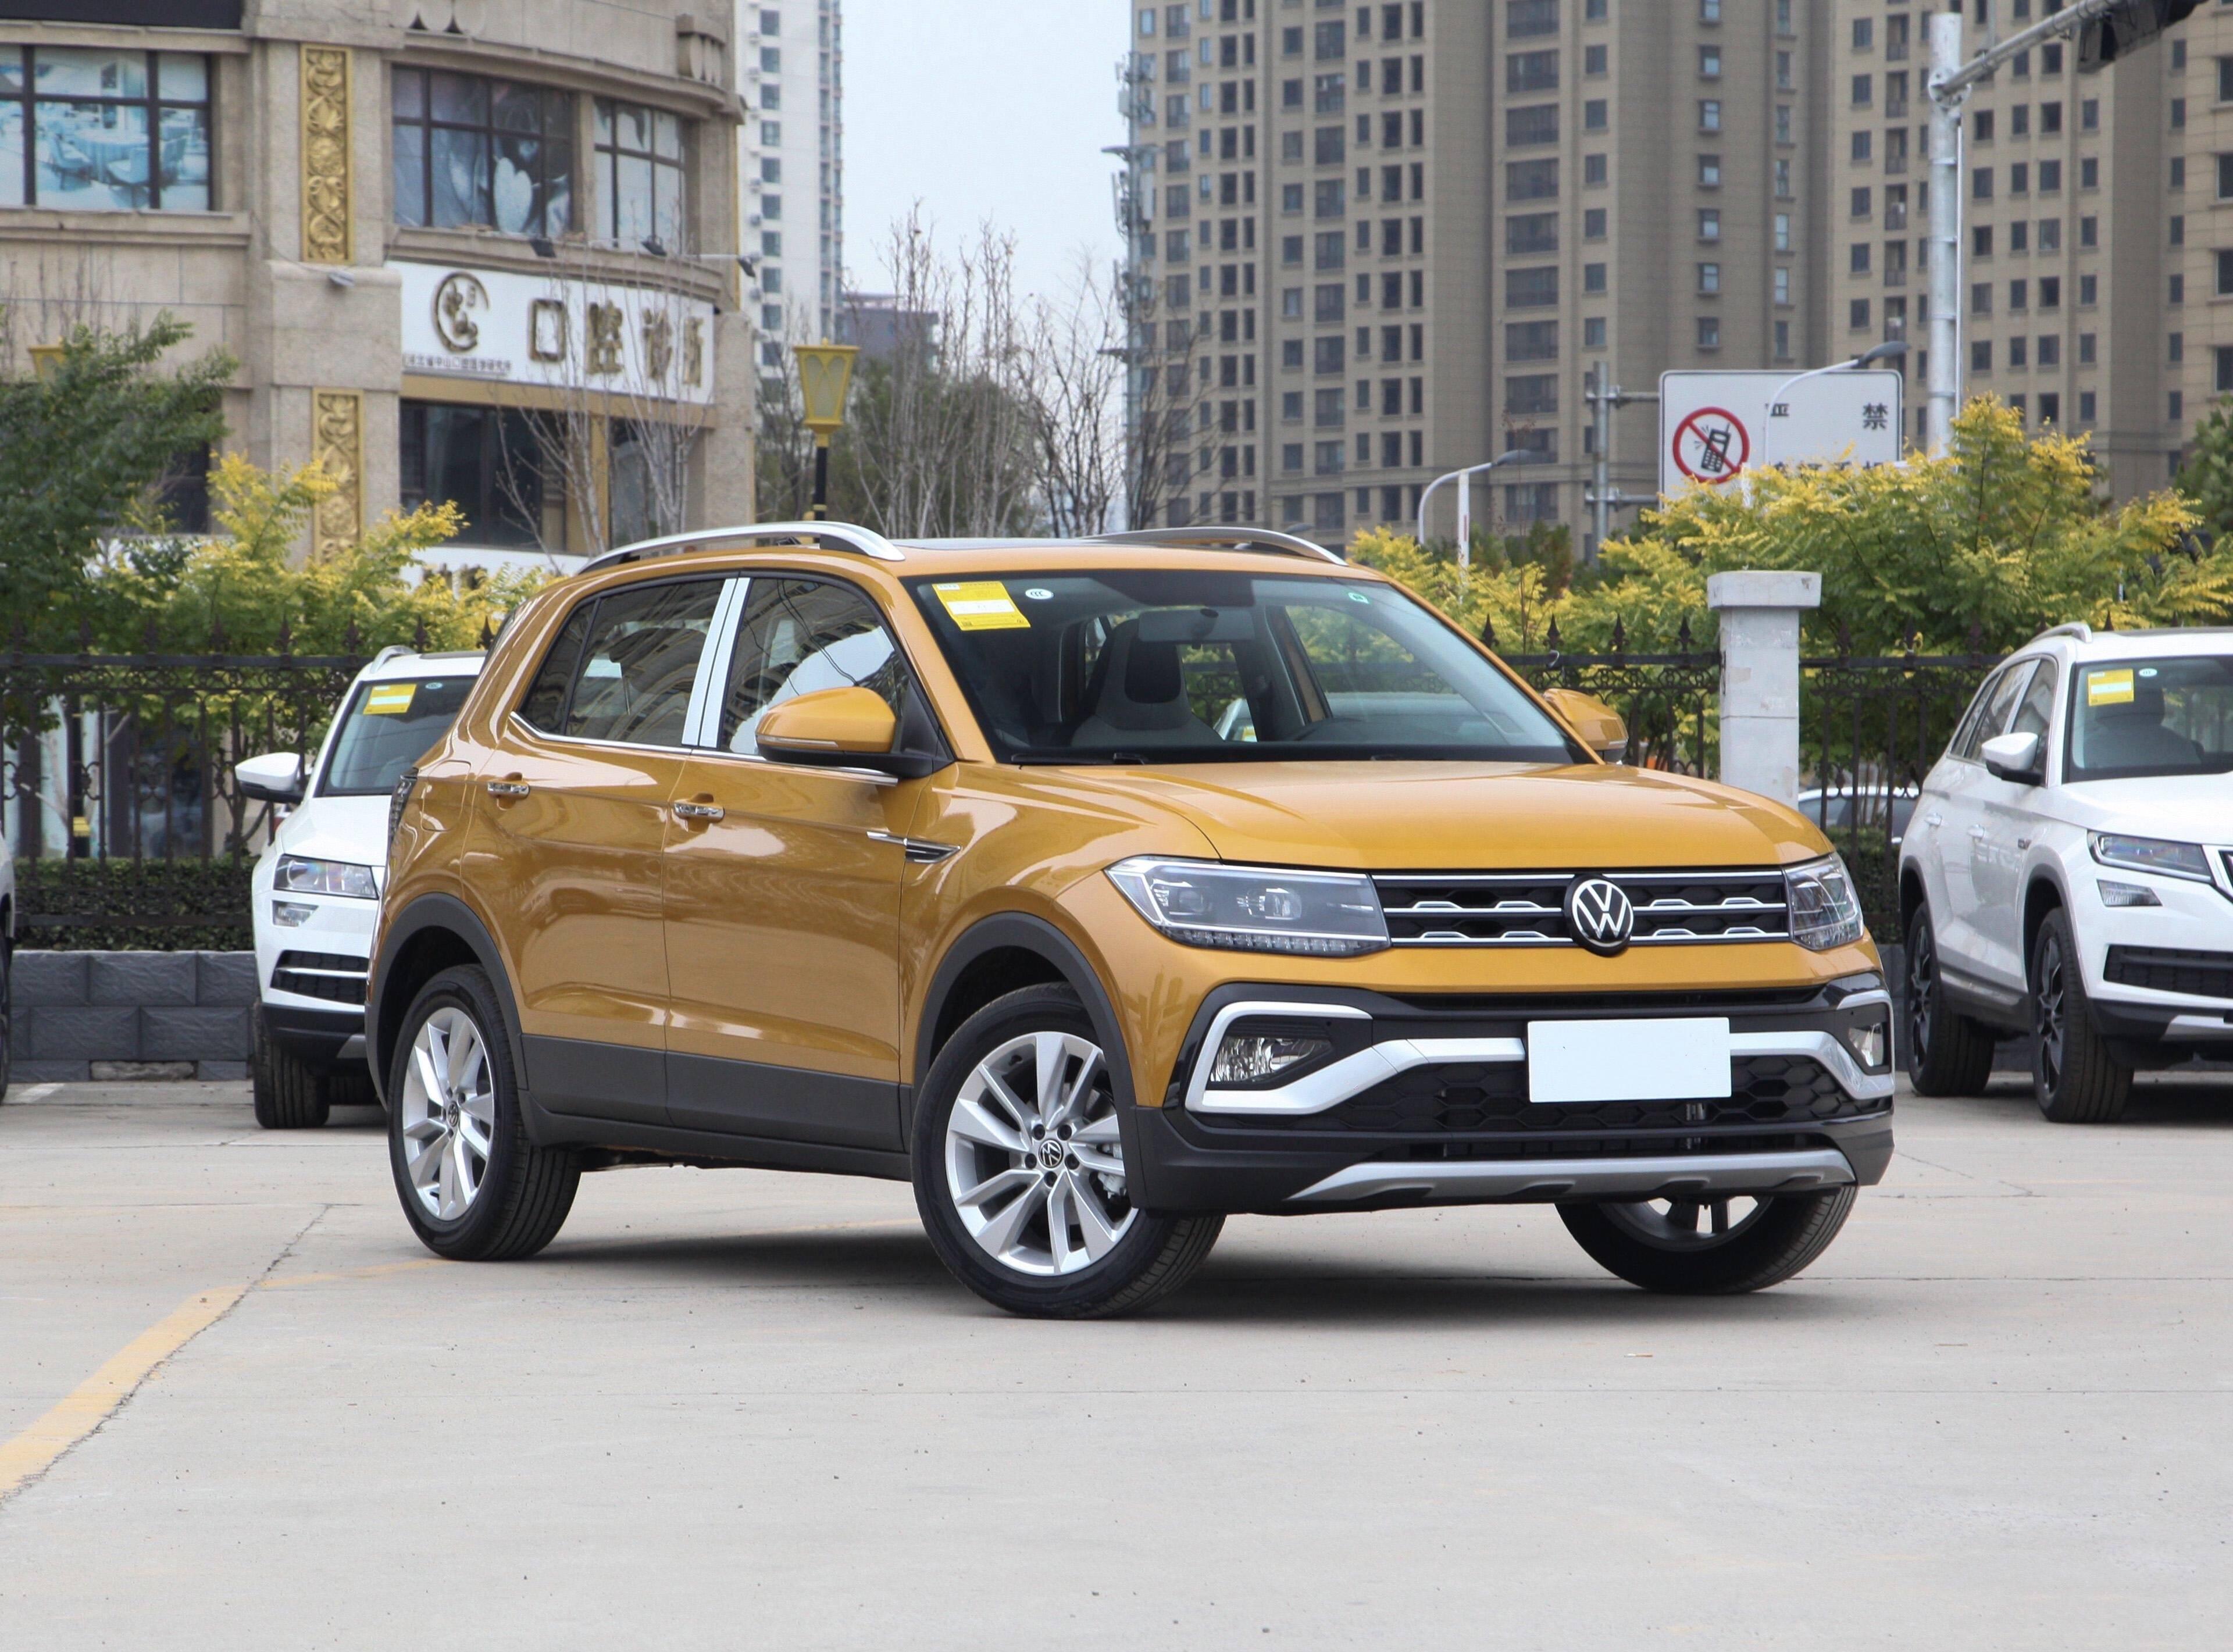 年轻人必看的德国SUV起价不到12万,还配备了智能车系统